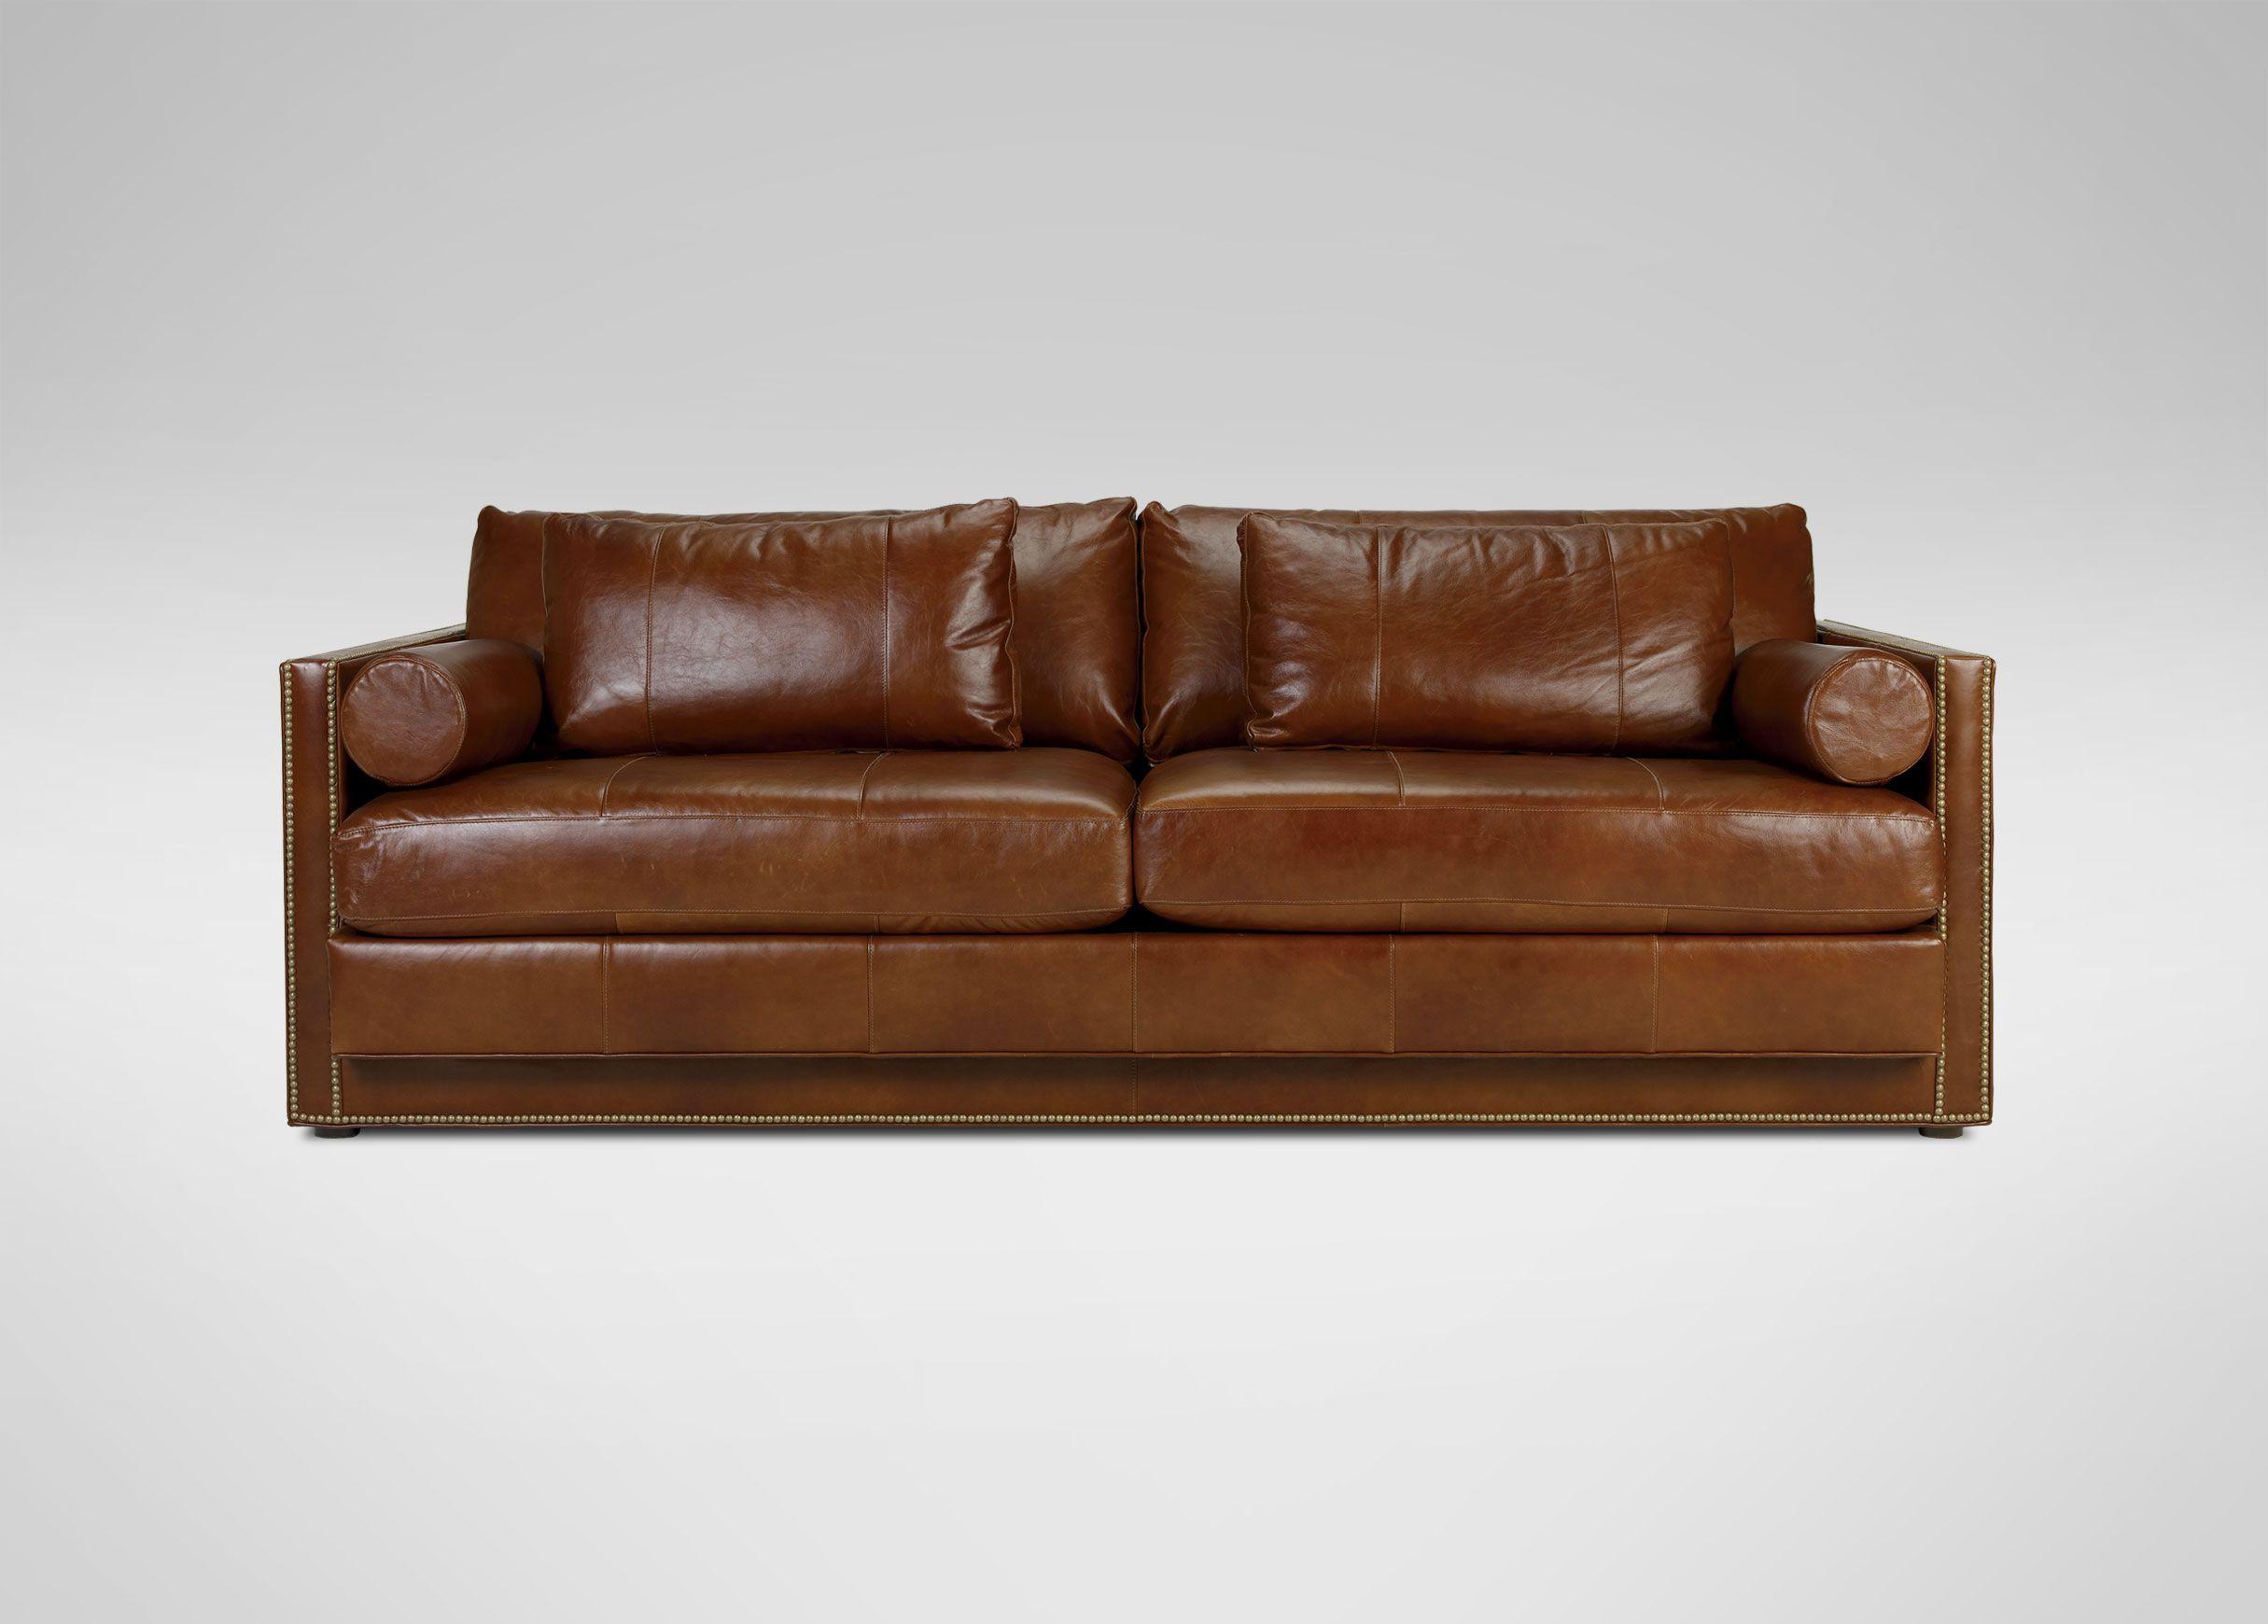 Abington Leather Sofa Large Leather Sofas Leather Sofa Living